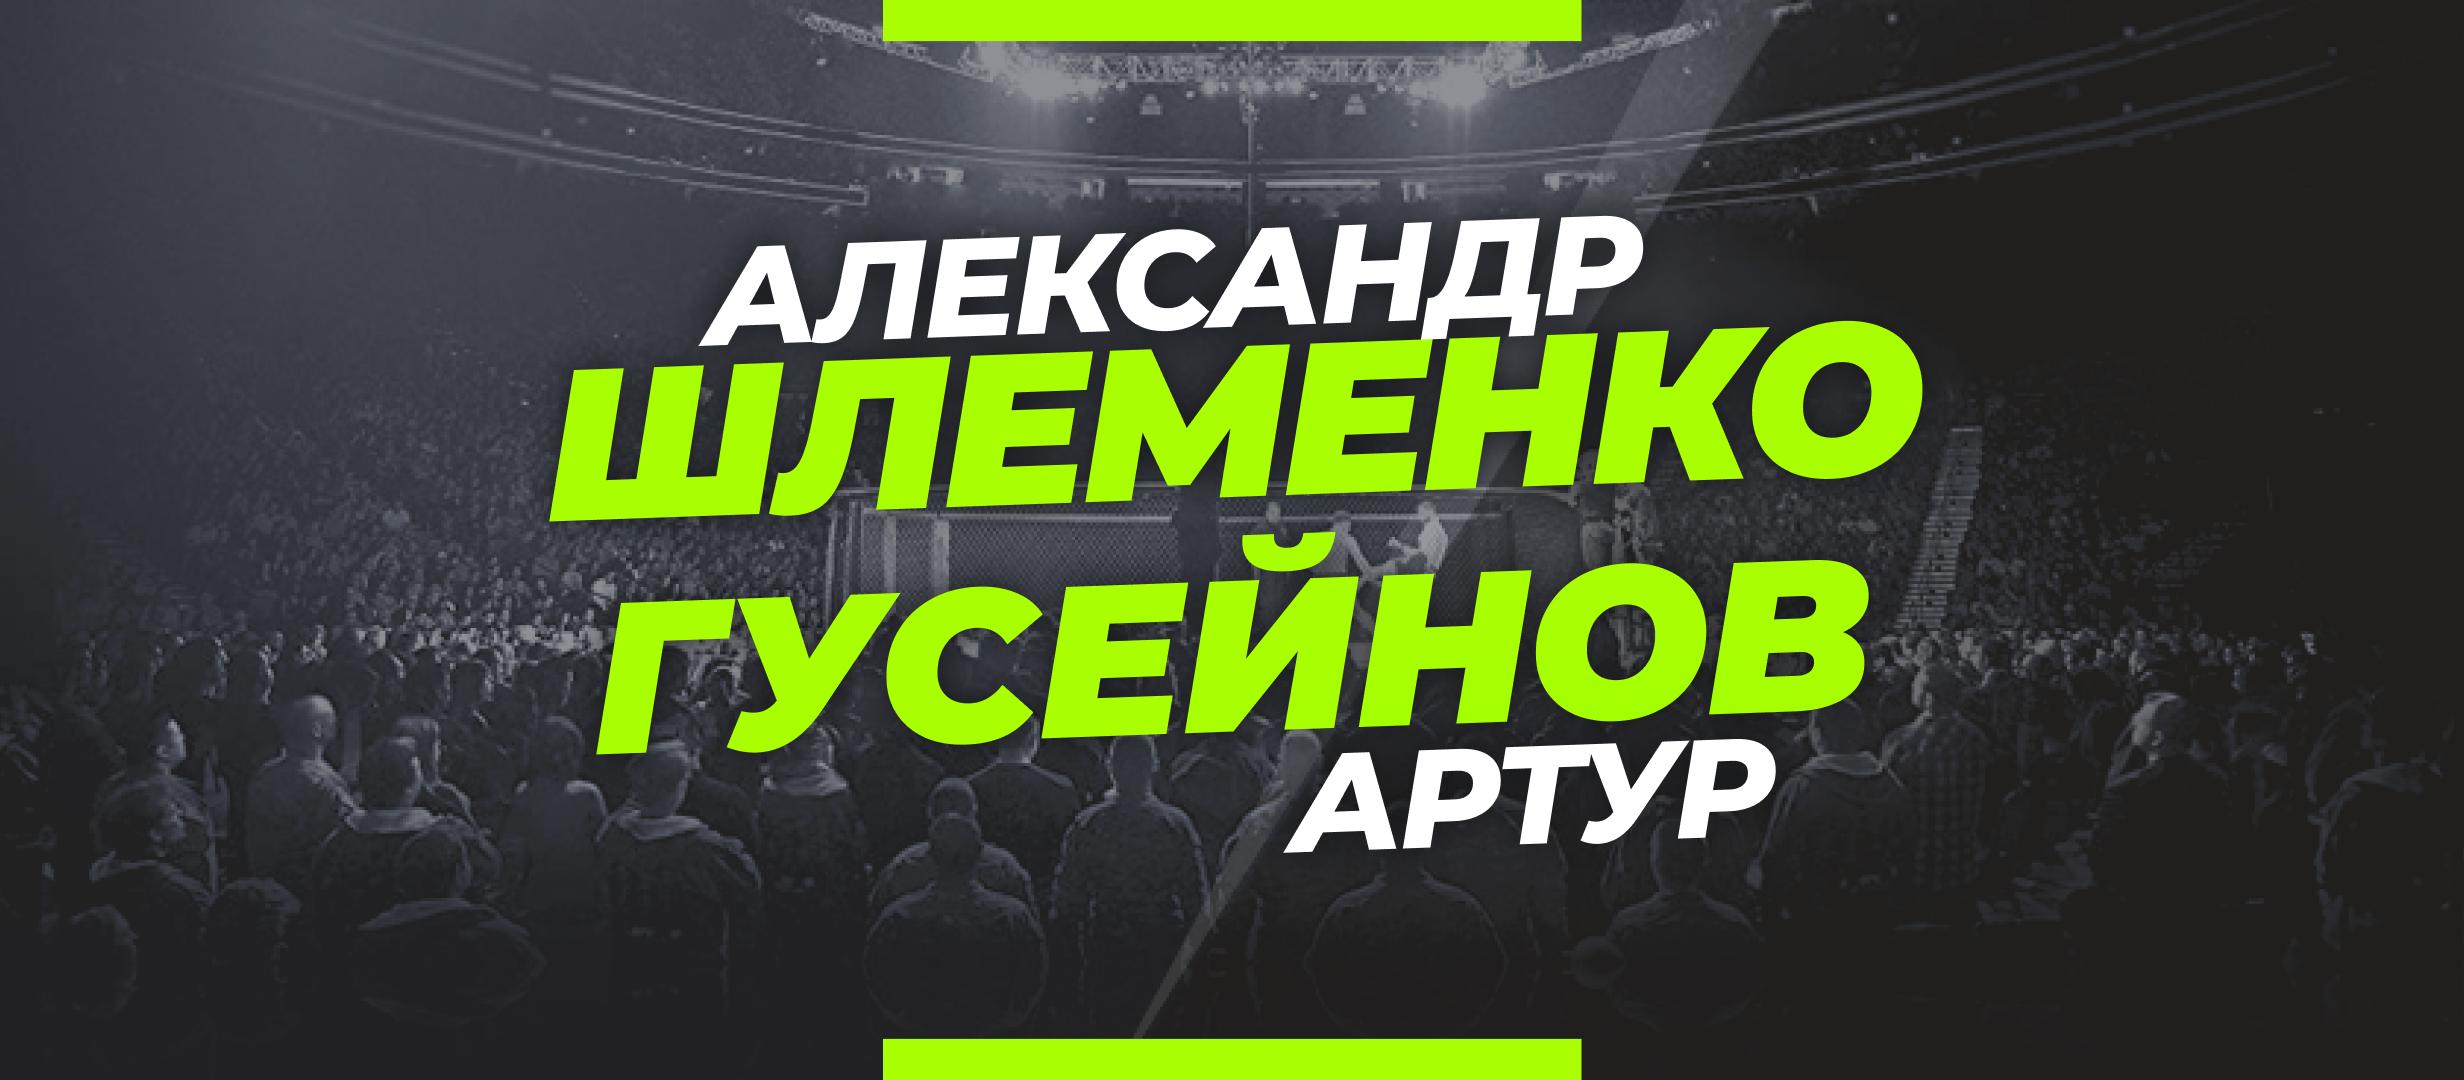 Шлеменко — Гусейнов: ставки и коэффициенты на бой